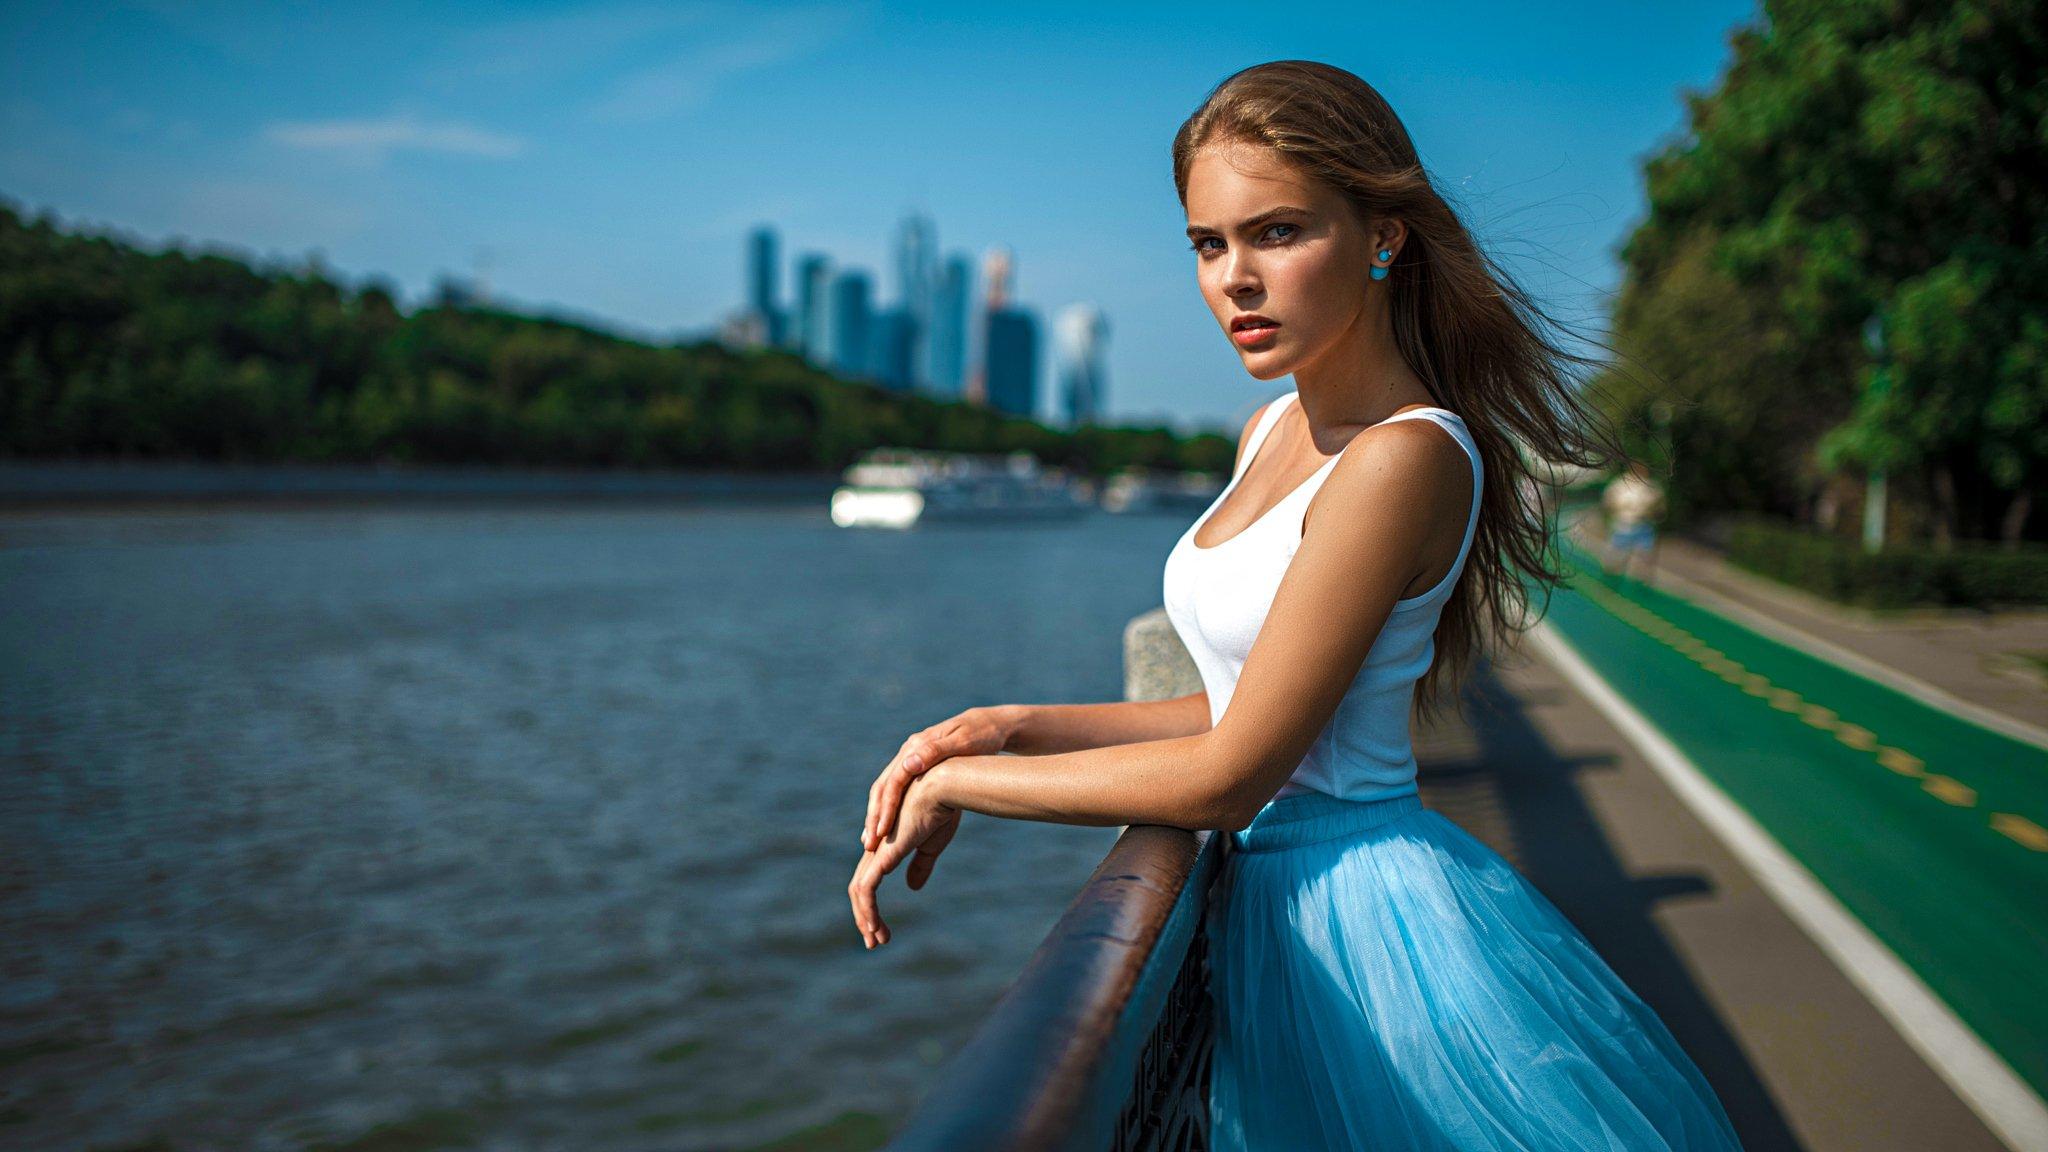 Самые красивые девушки москвы 5 фотография